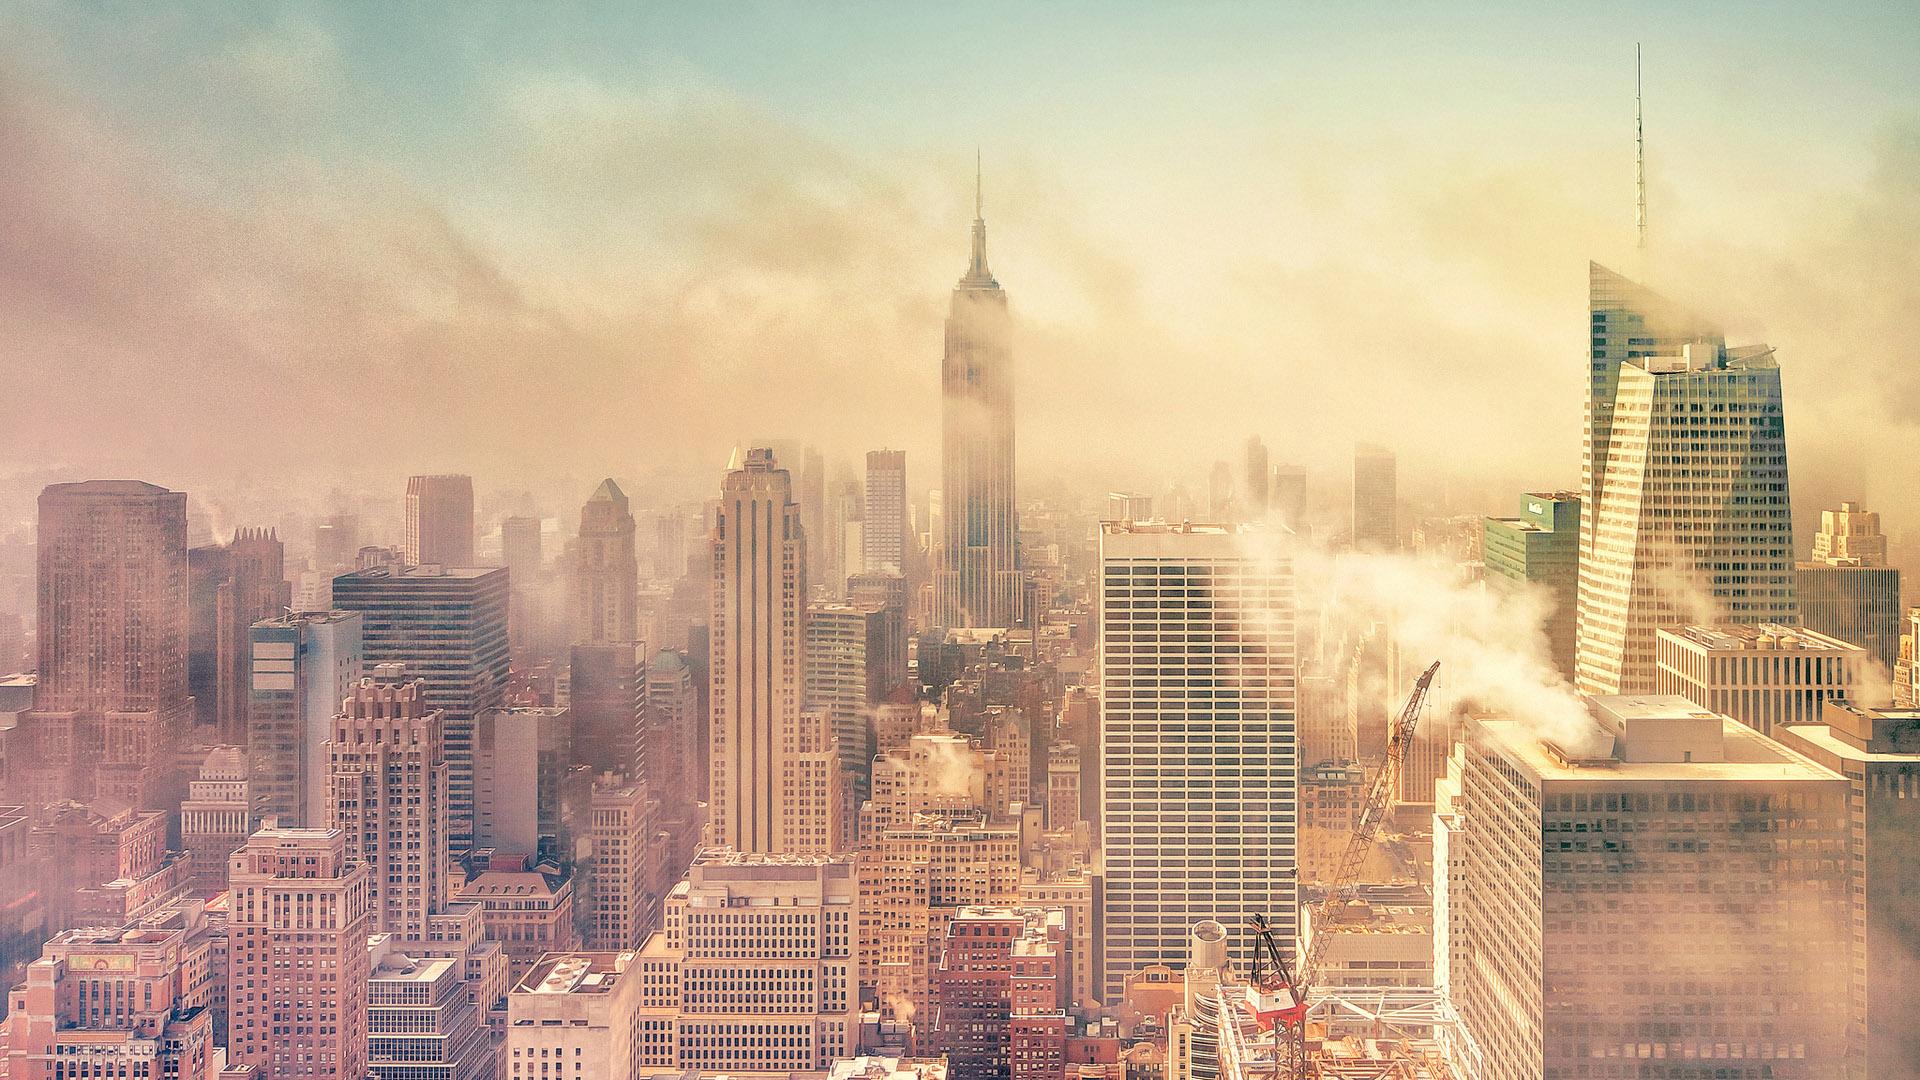 Красивые картинки Нью Йорка на рабочий стол - интересная сборка 7